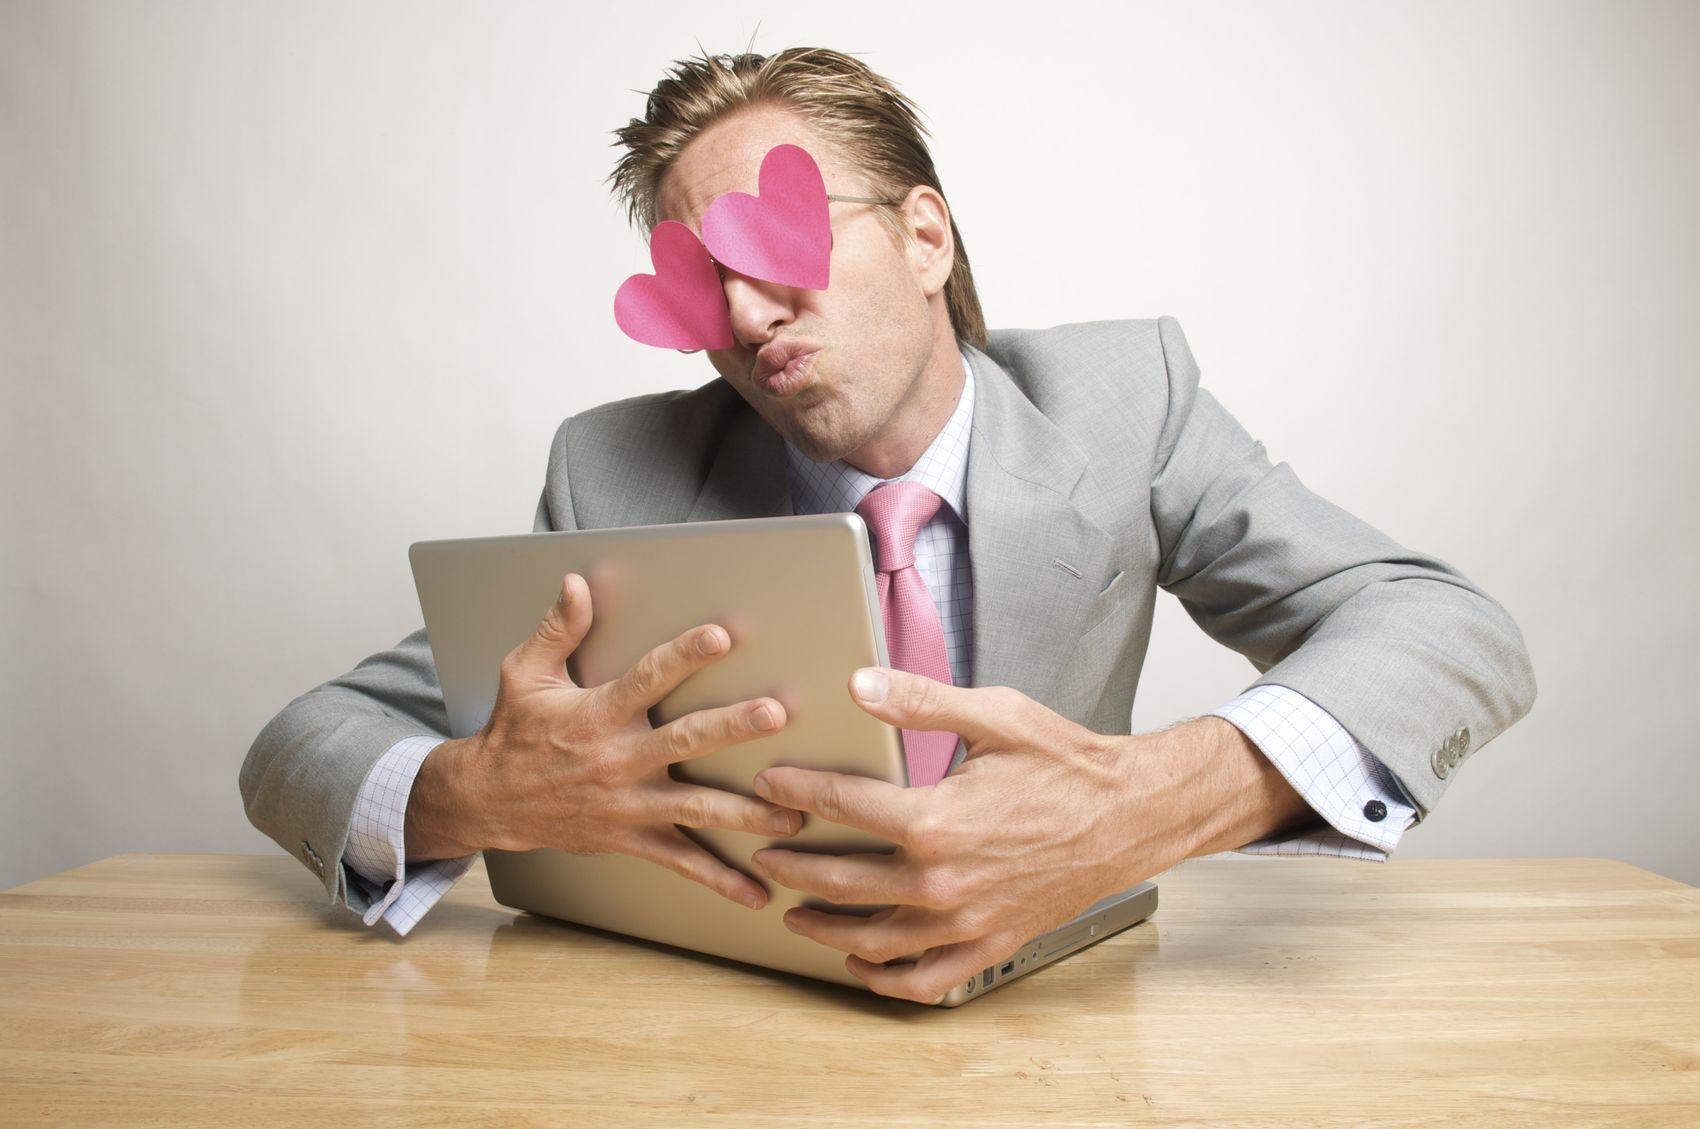 развод при знакомстве по интернету